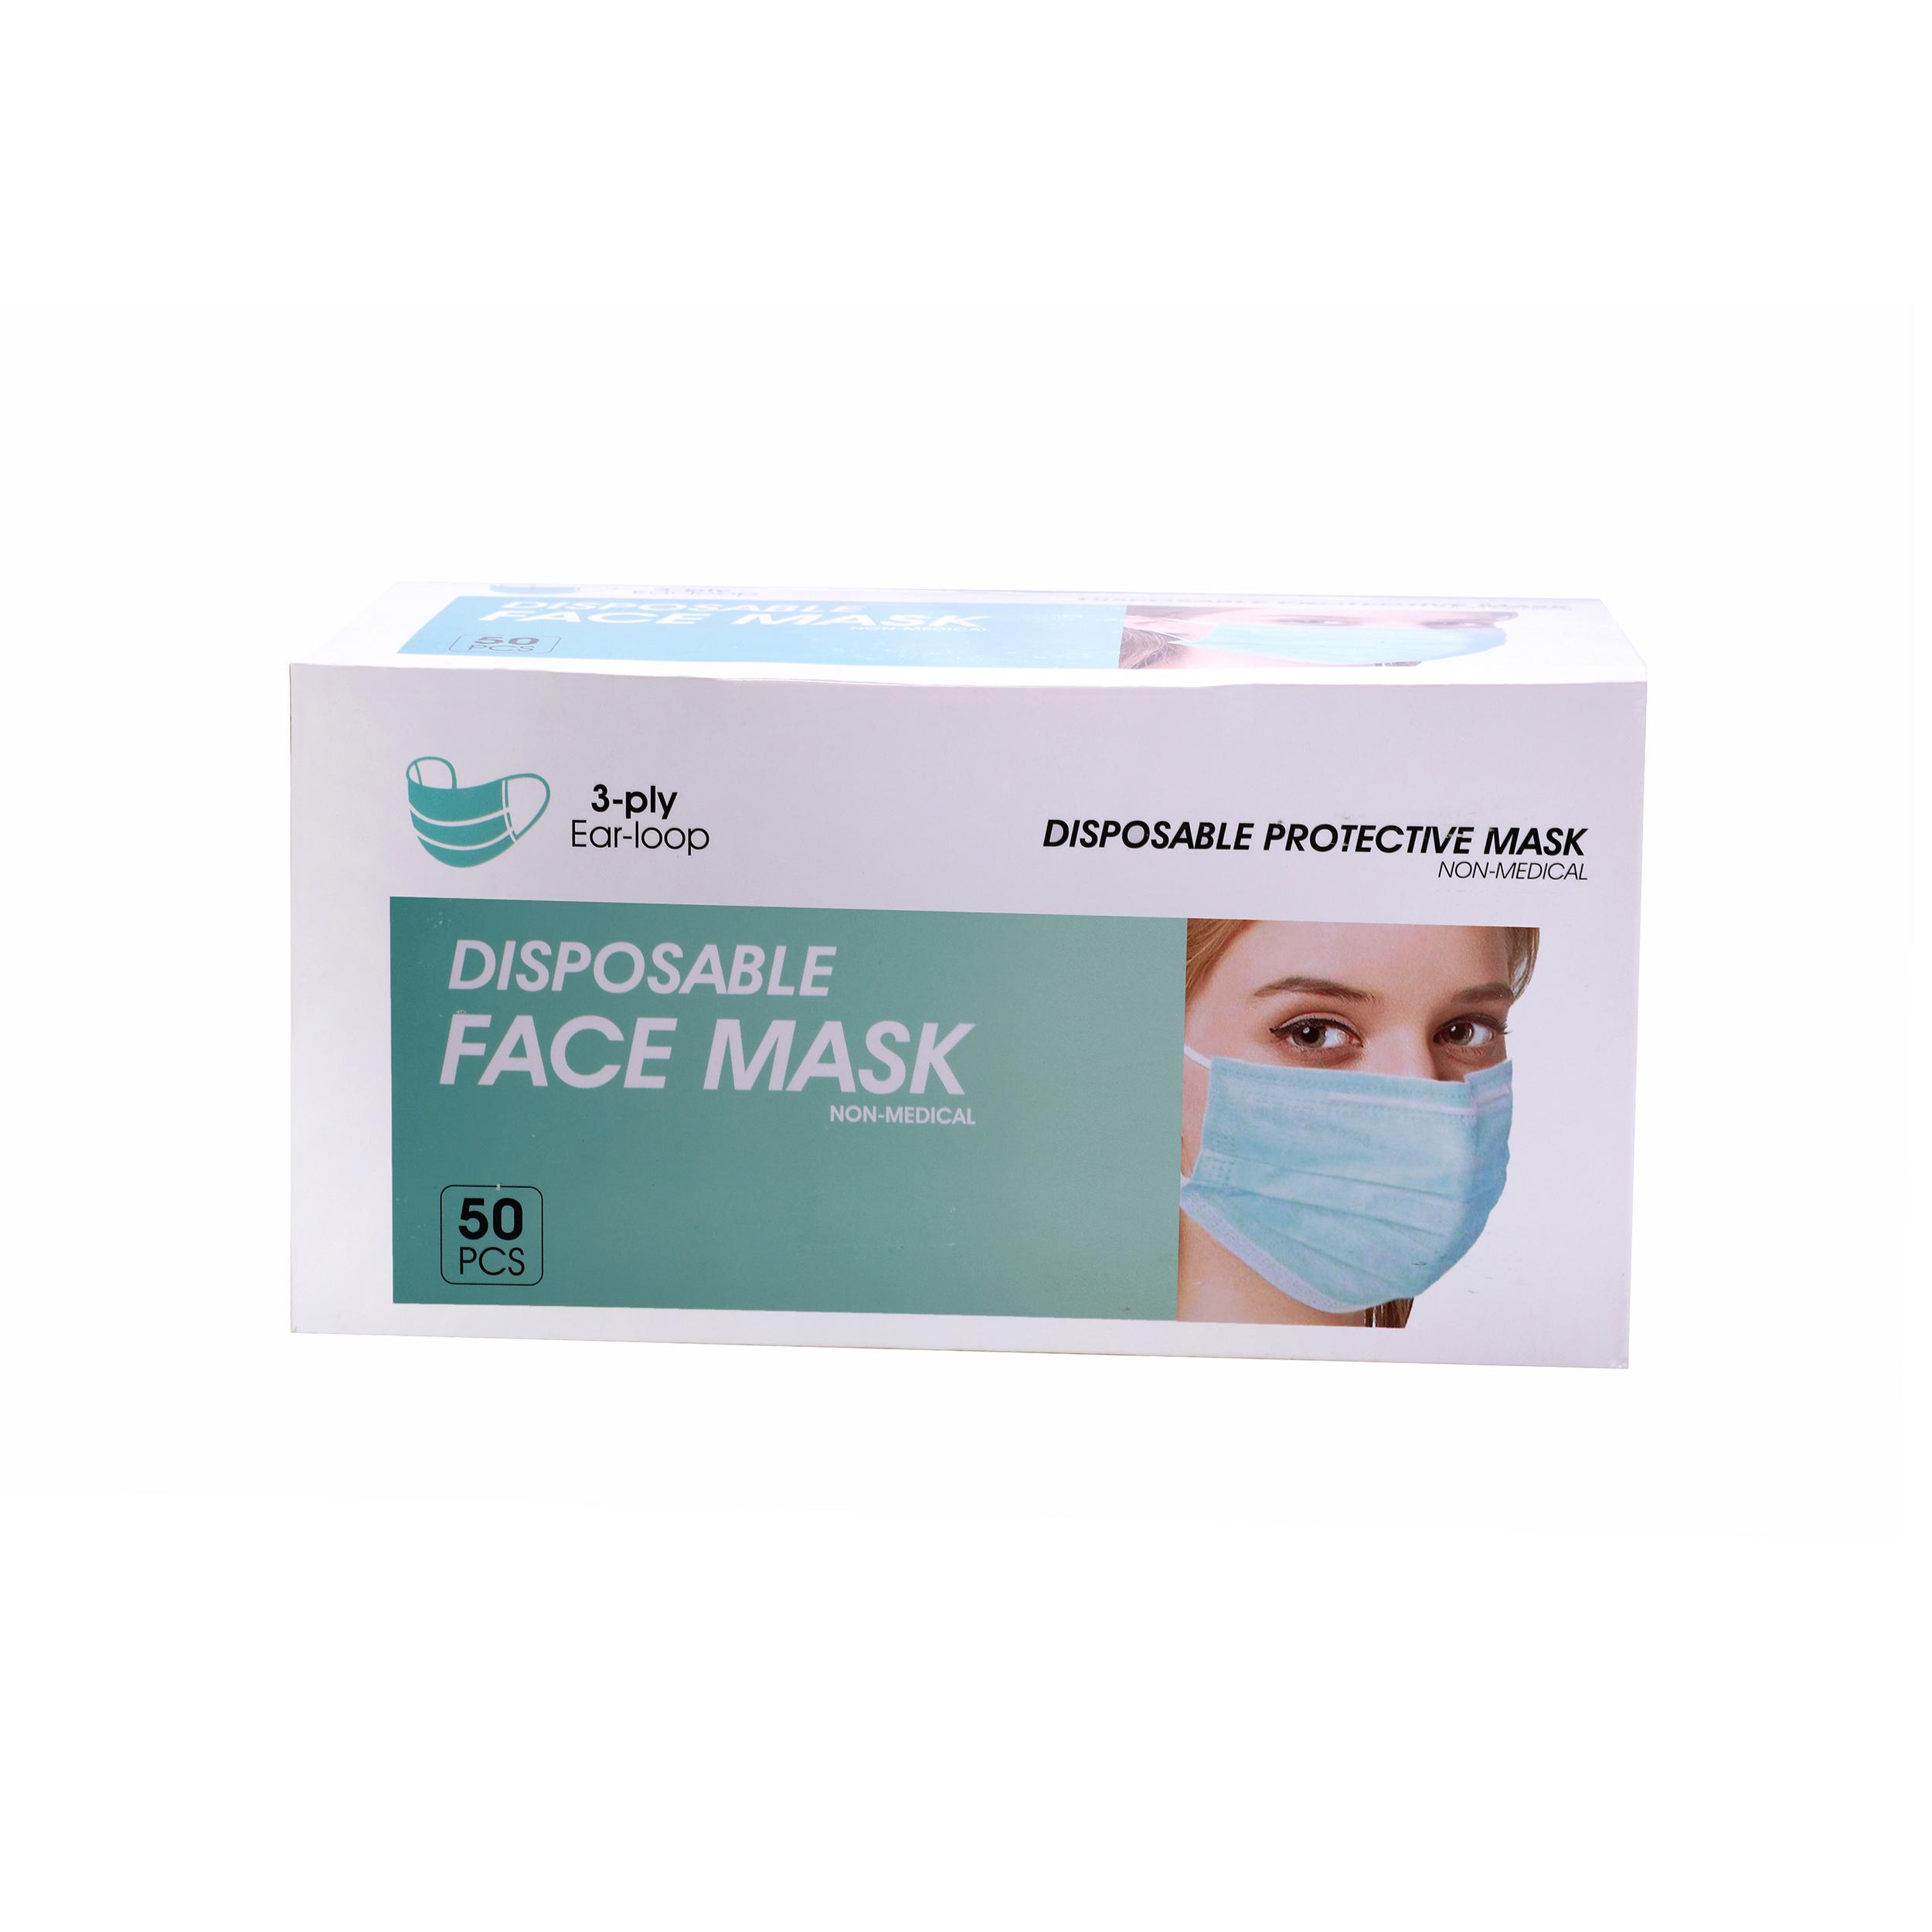 ماسک تنفسی مدل E90 بسته 50 عددی